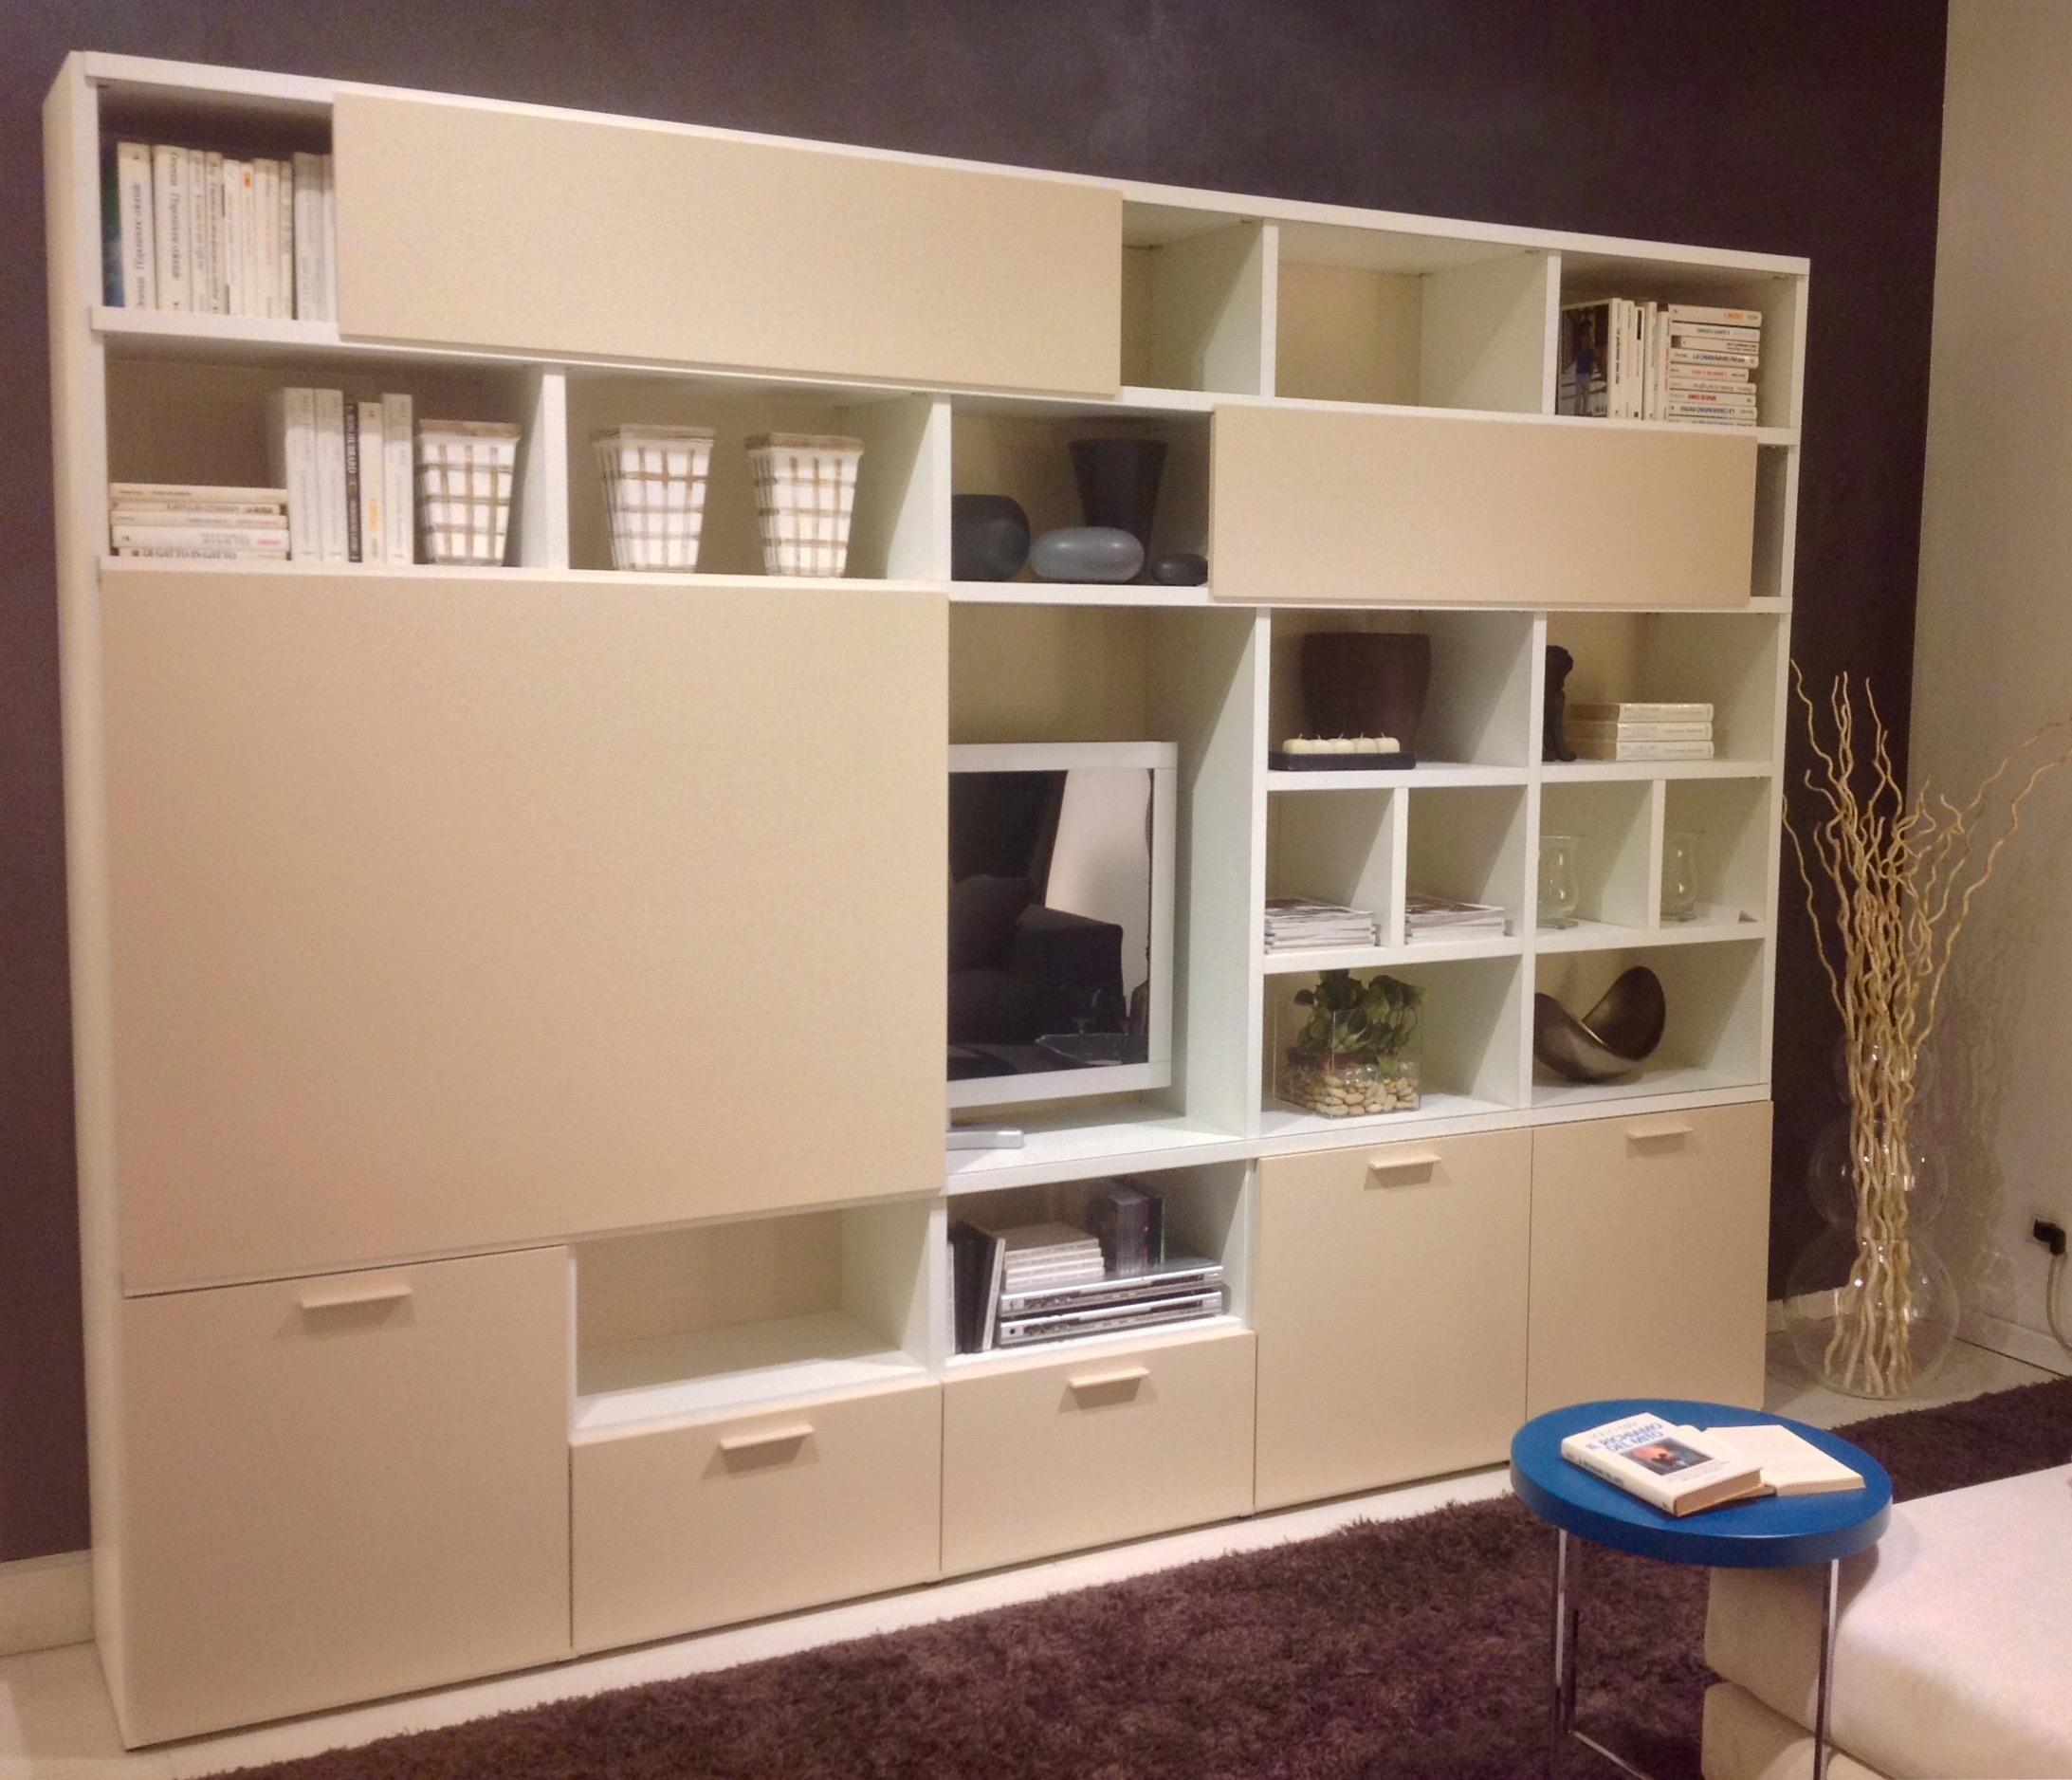 Mobili Da Soggiorno Economici. Gallery Of Mobile Soggiorno Con ...